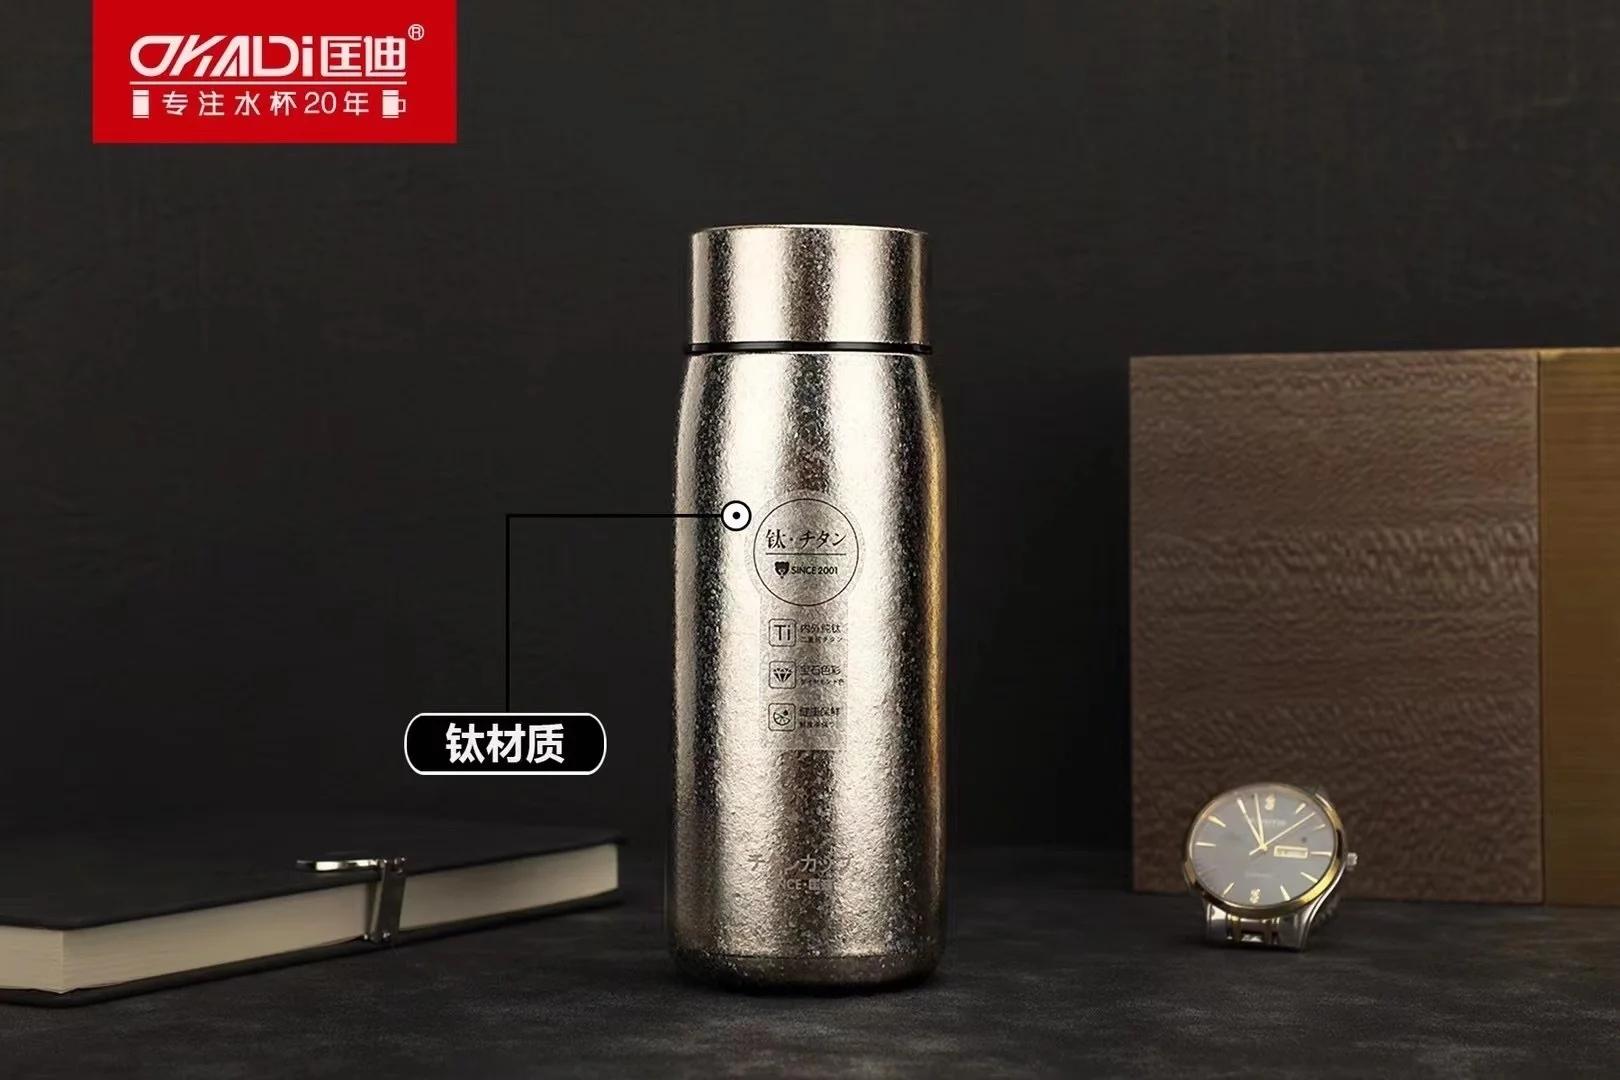 太空金属纯钛真空保温杯至臻材料320ml